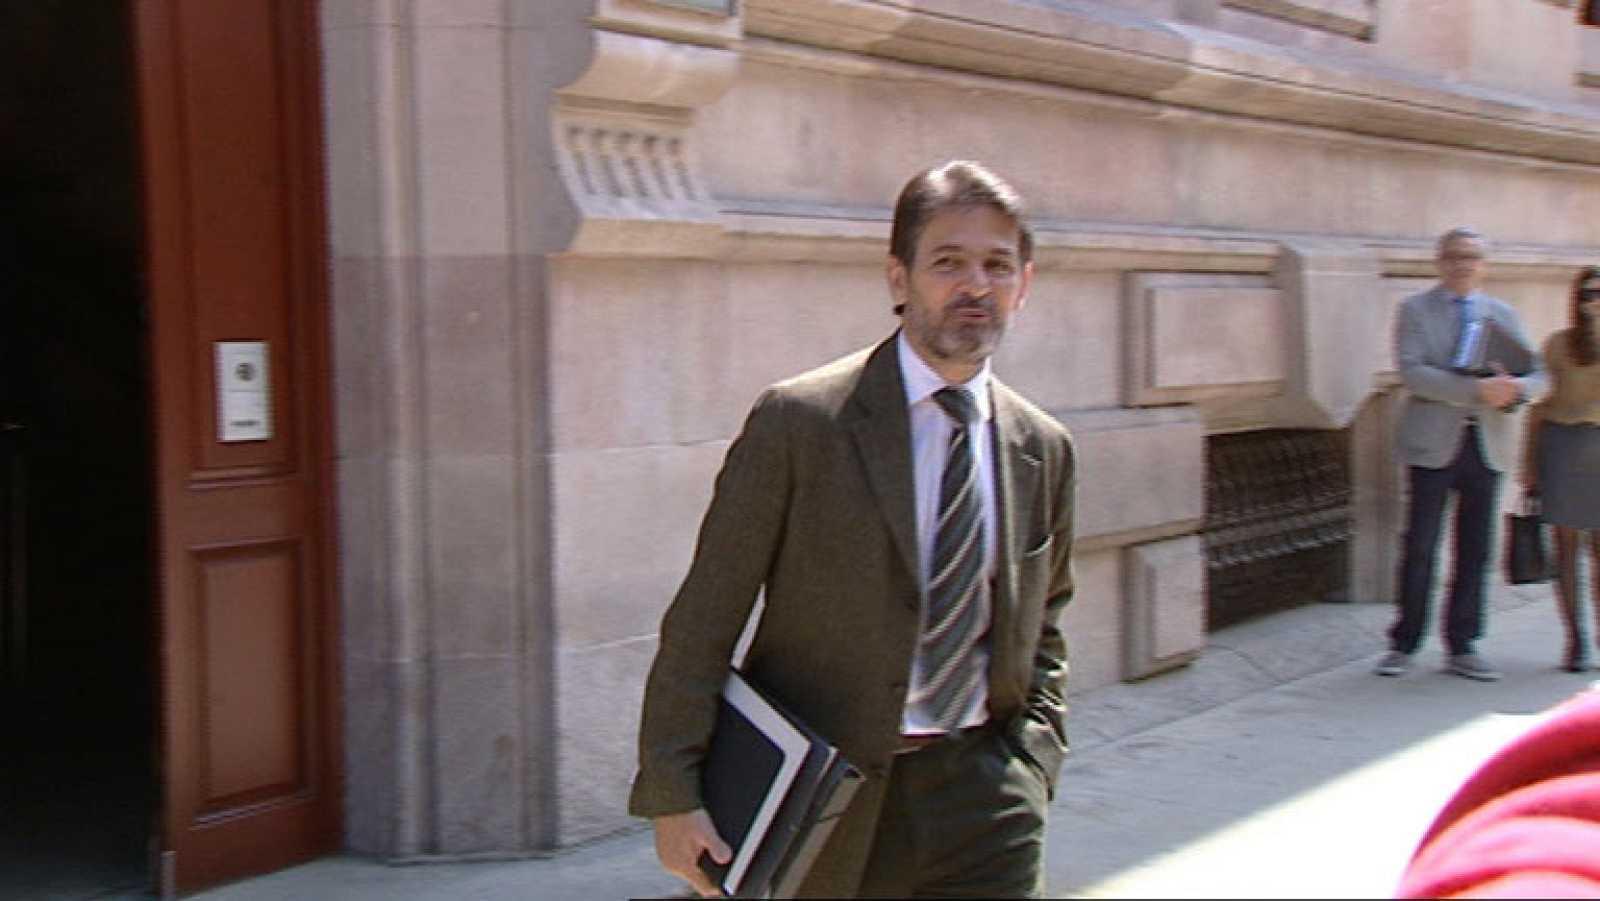 La jueza que investiga el caso de las ITV cree que Oriol Pujol se aprovechó de su influencia política para hacer negocios